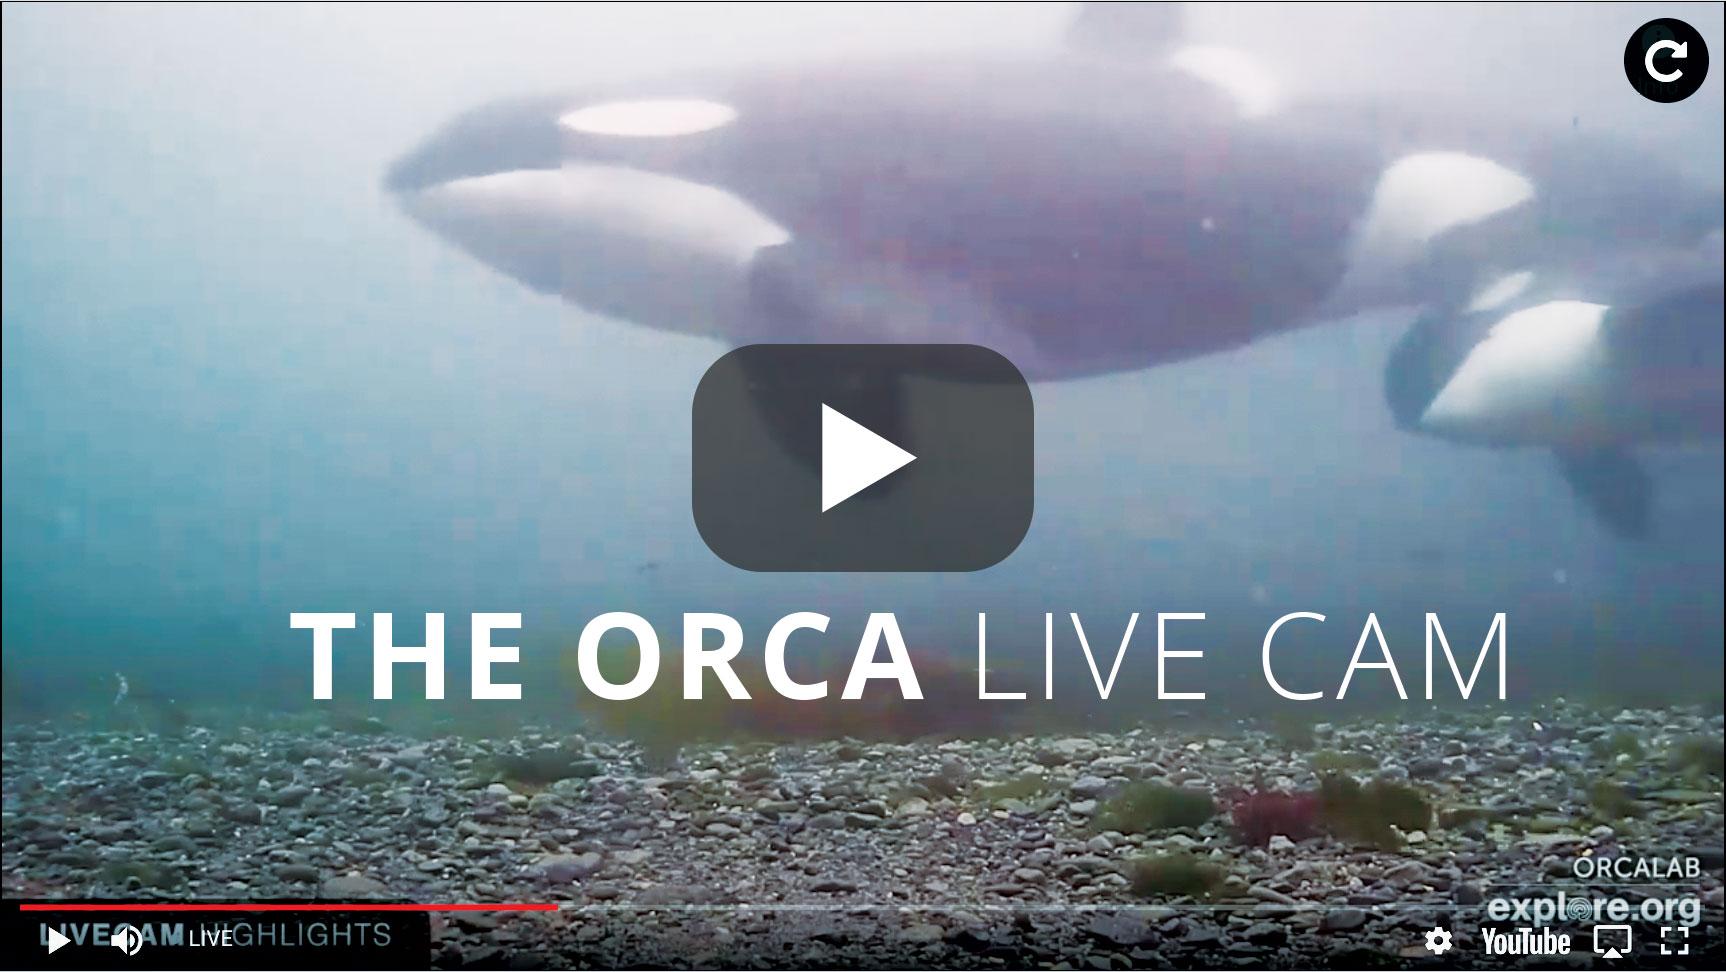 Live Orca Cam